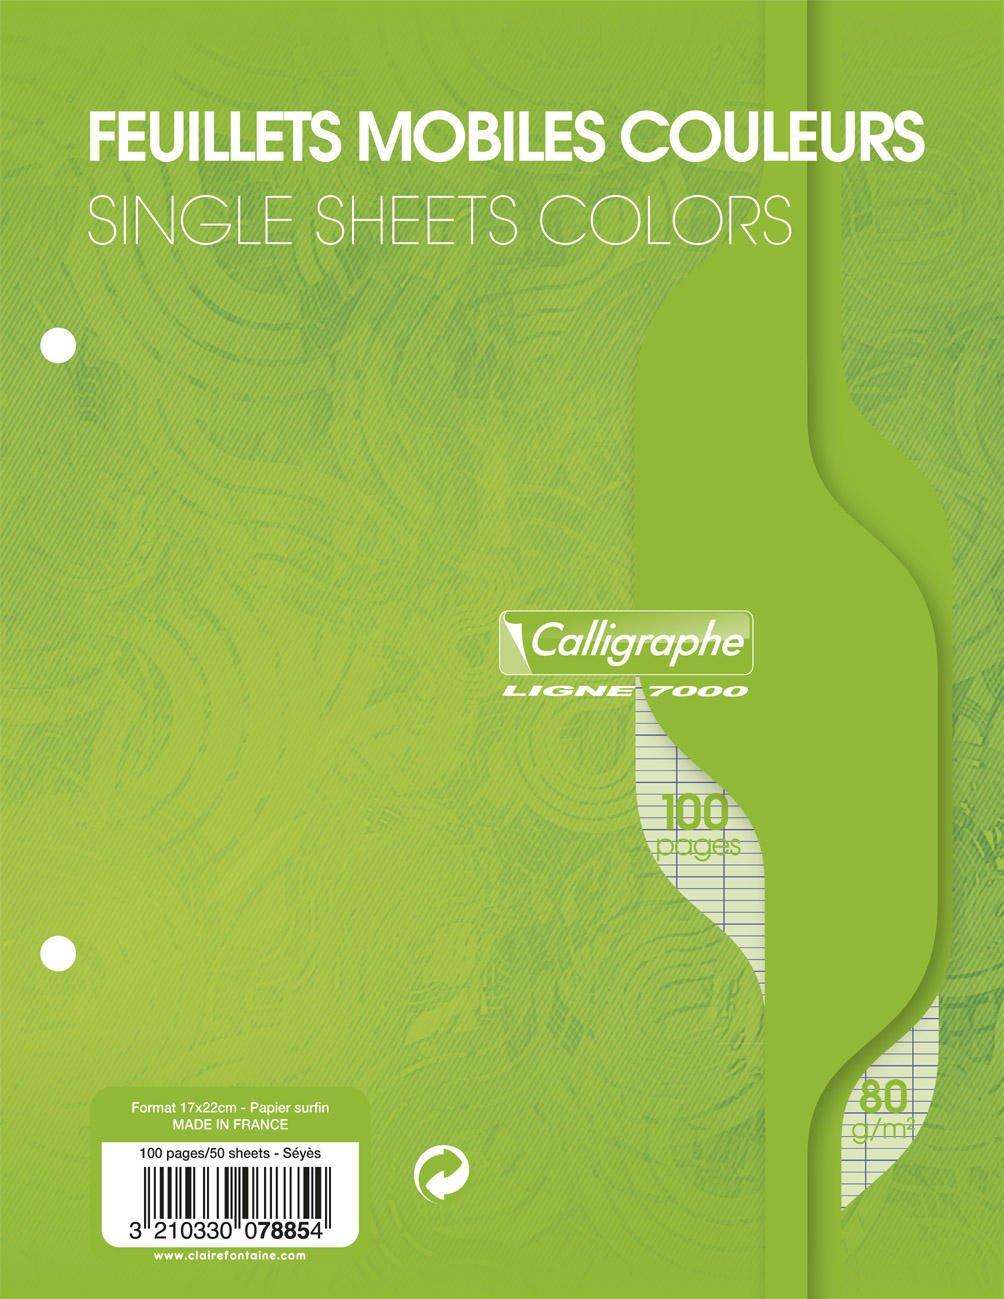 Libro verde de hojas sueltas de papel Seyes rayado y con 2 agujeros de Clairefontaine, 17 x 22 cm (paquete de 50 hojas) 17 x 22 cm (paquete de 50hojas) 7885C